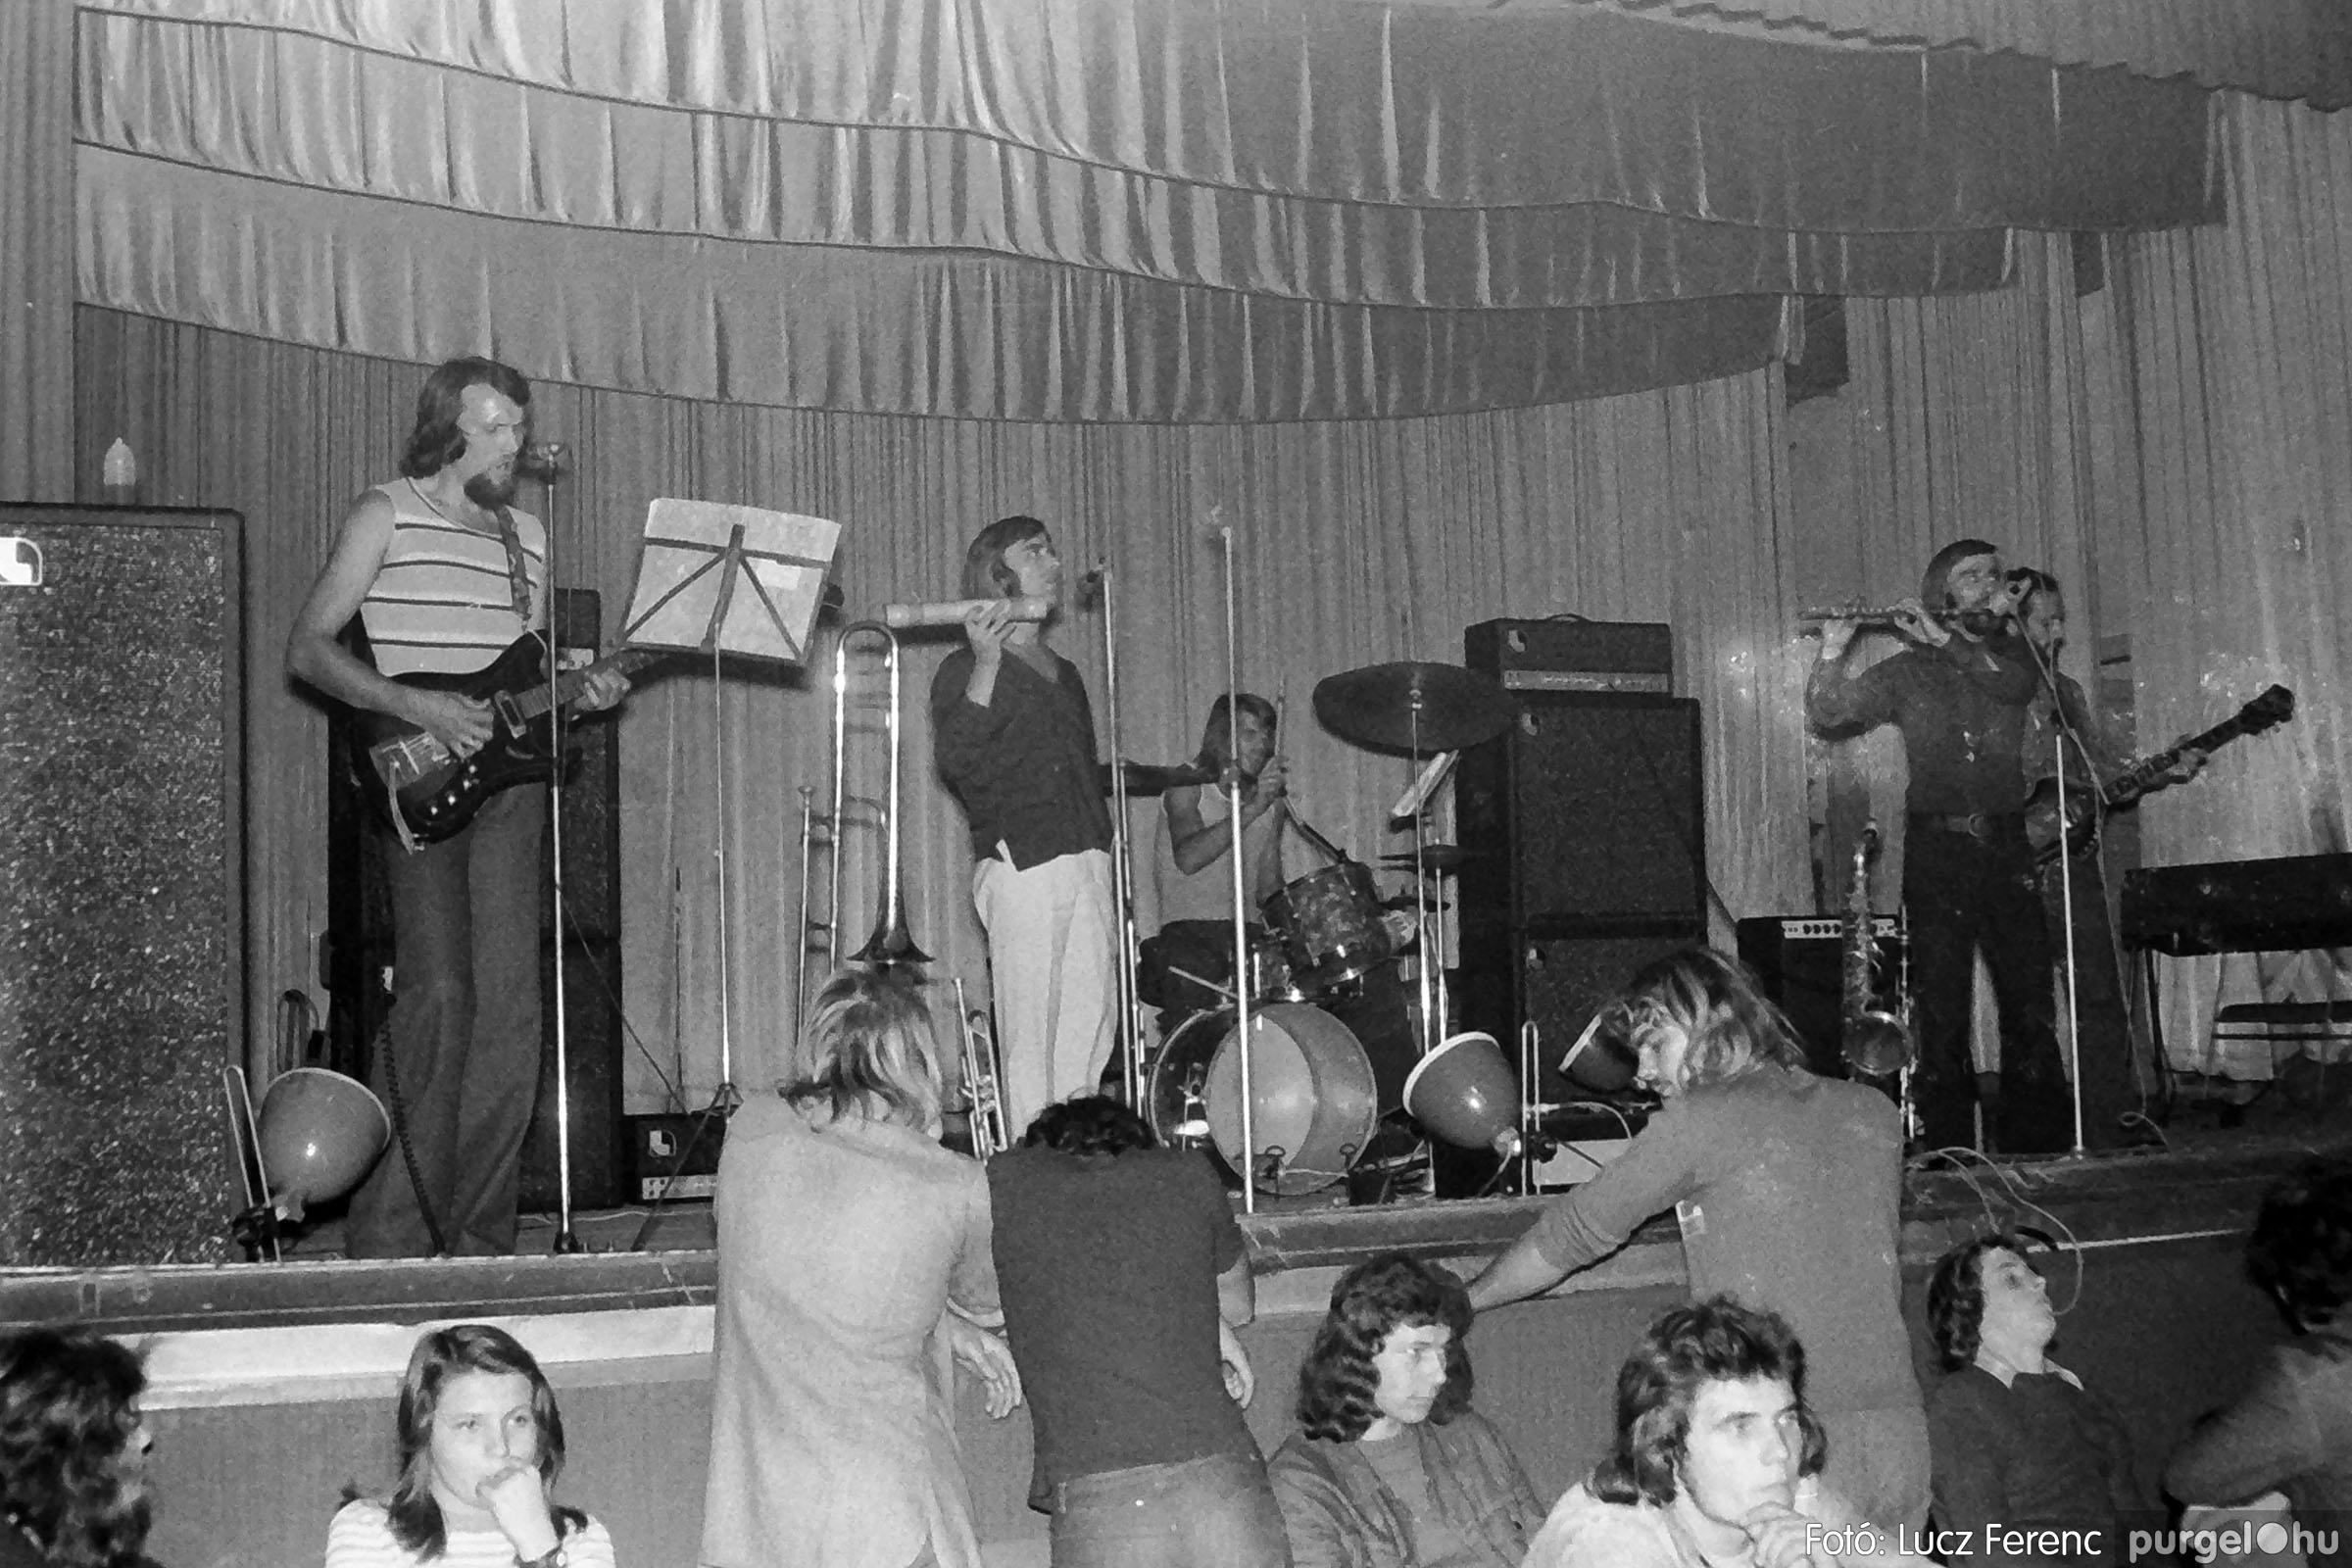 024 1975. A Kvint, az LWH és a Keopsz Együttesek koncertje 010 - Fotó: Lucz Ferenc IMG00188q.jpg